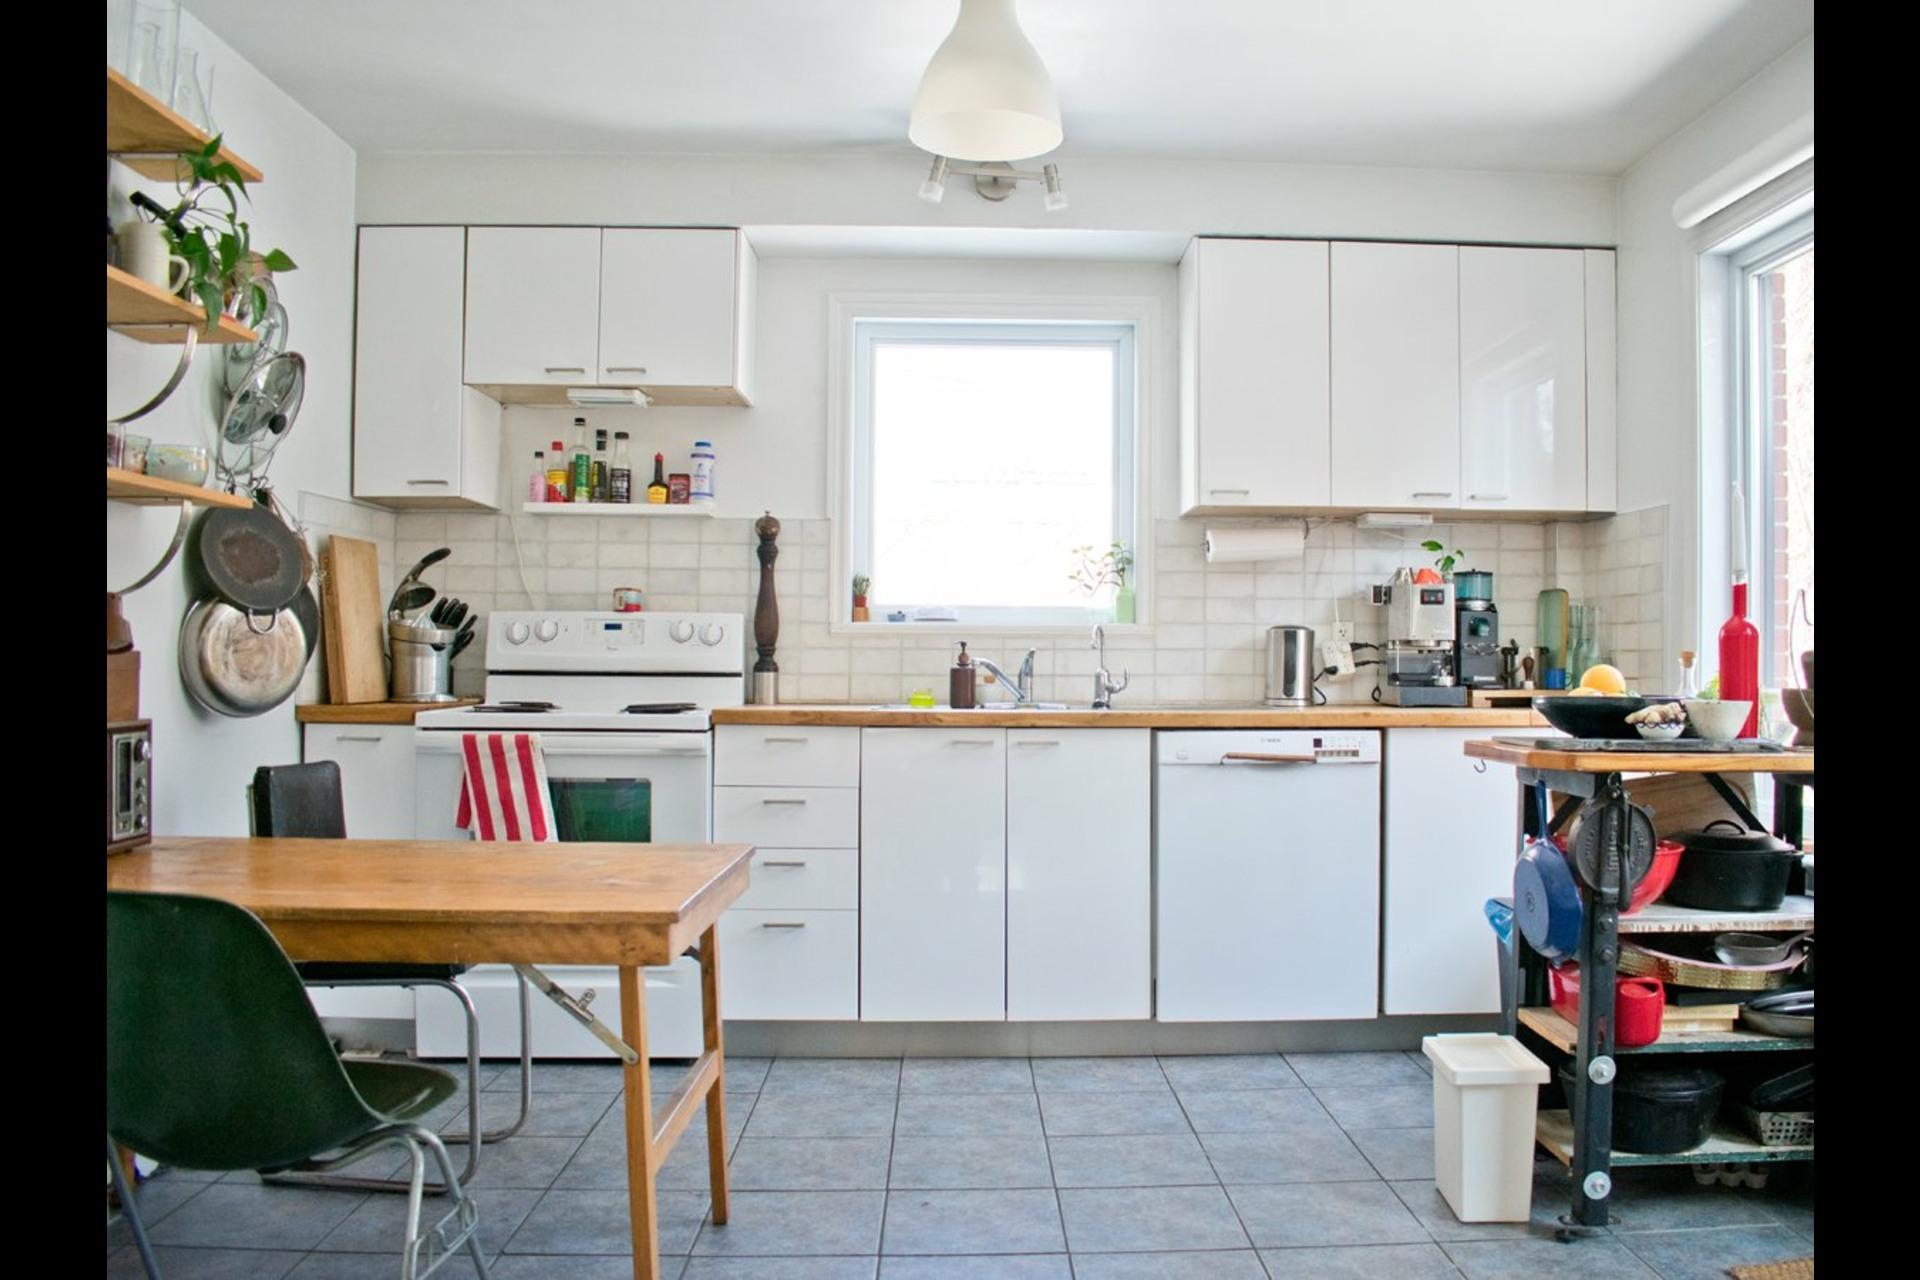 image 6 - House For sale Villeray/Saint-Michel/Parc-Extension Montréal  - 9 rooms